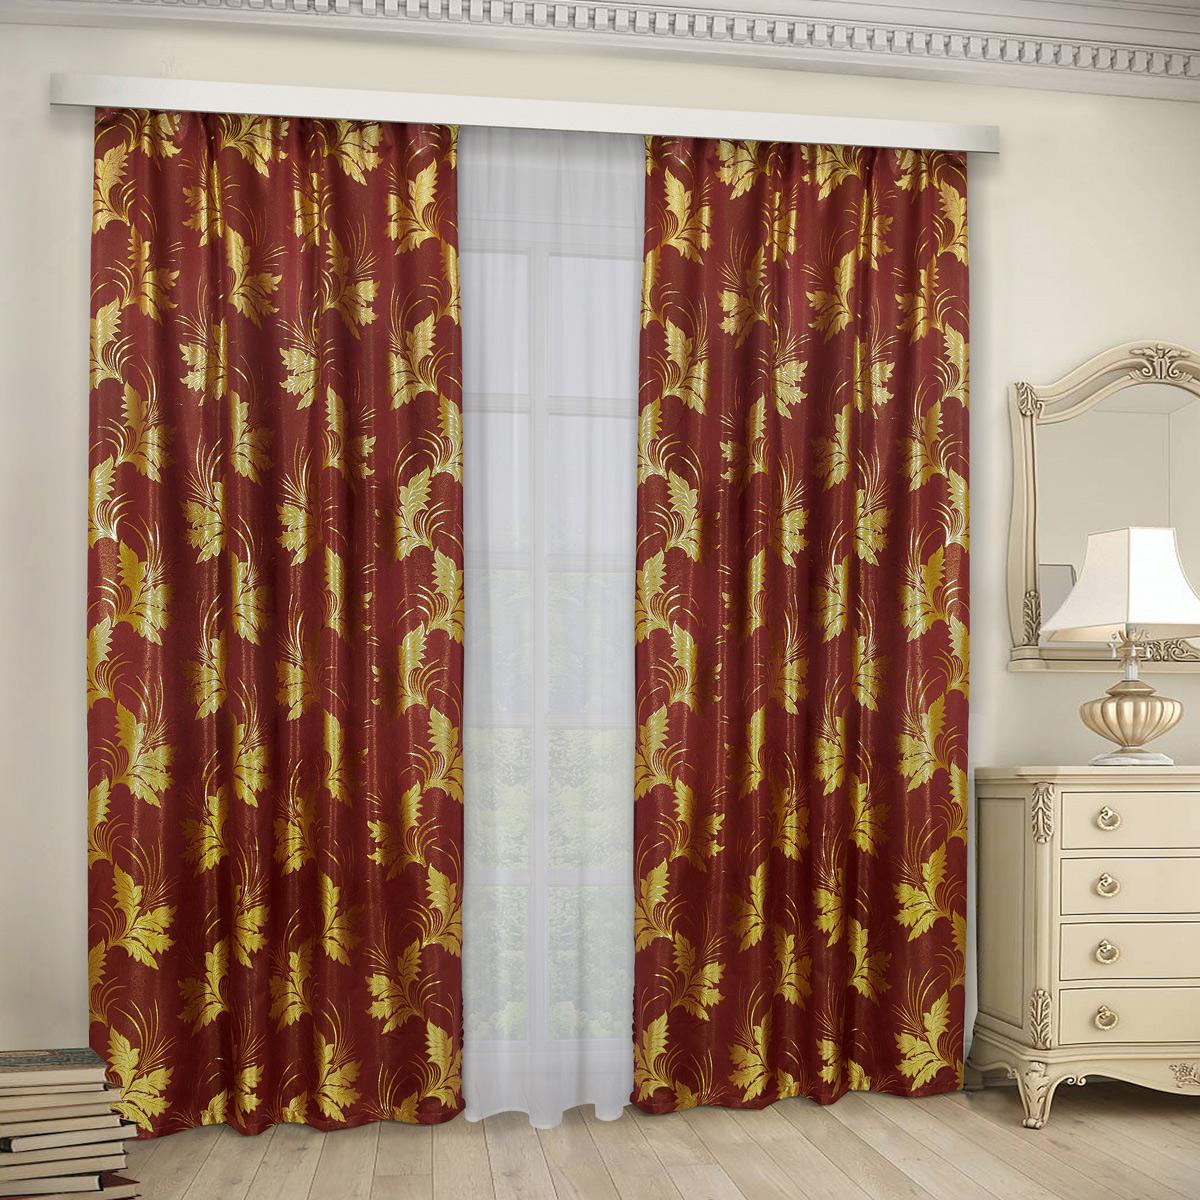 Комплект штор Zlata Korunka, с тюлью, на ленте, цвет: бордовый, высота 265 см. 777166 комплект штор для кухни zlata korunka на ленте цвет белый коричневый высота 170 см 333311